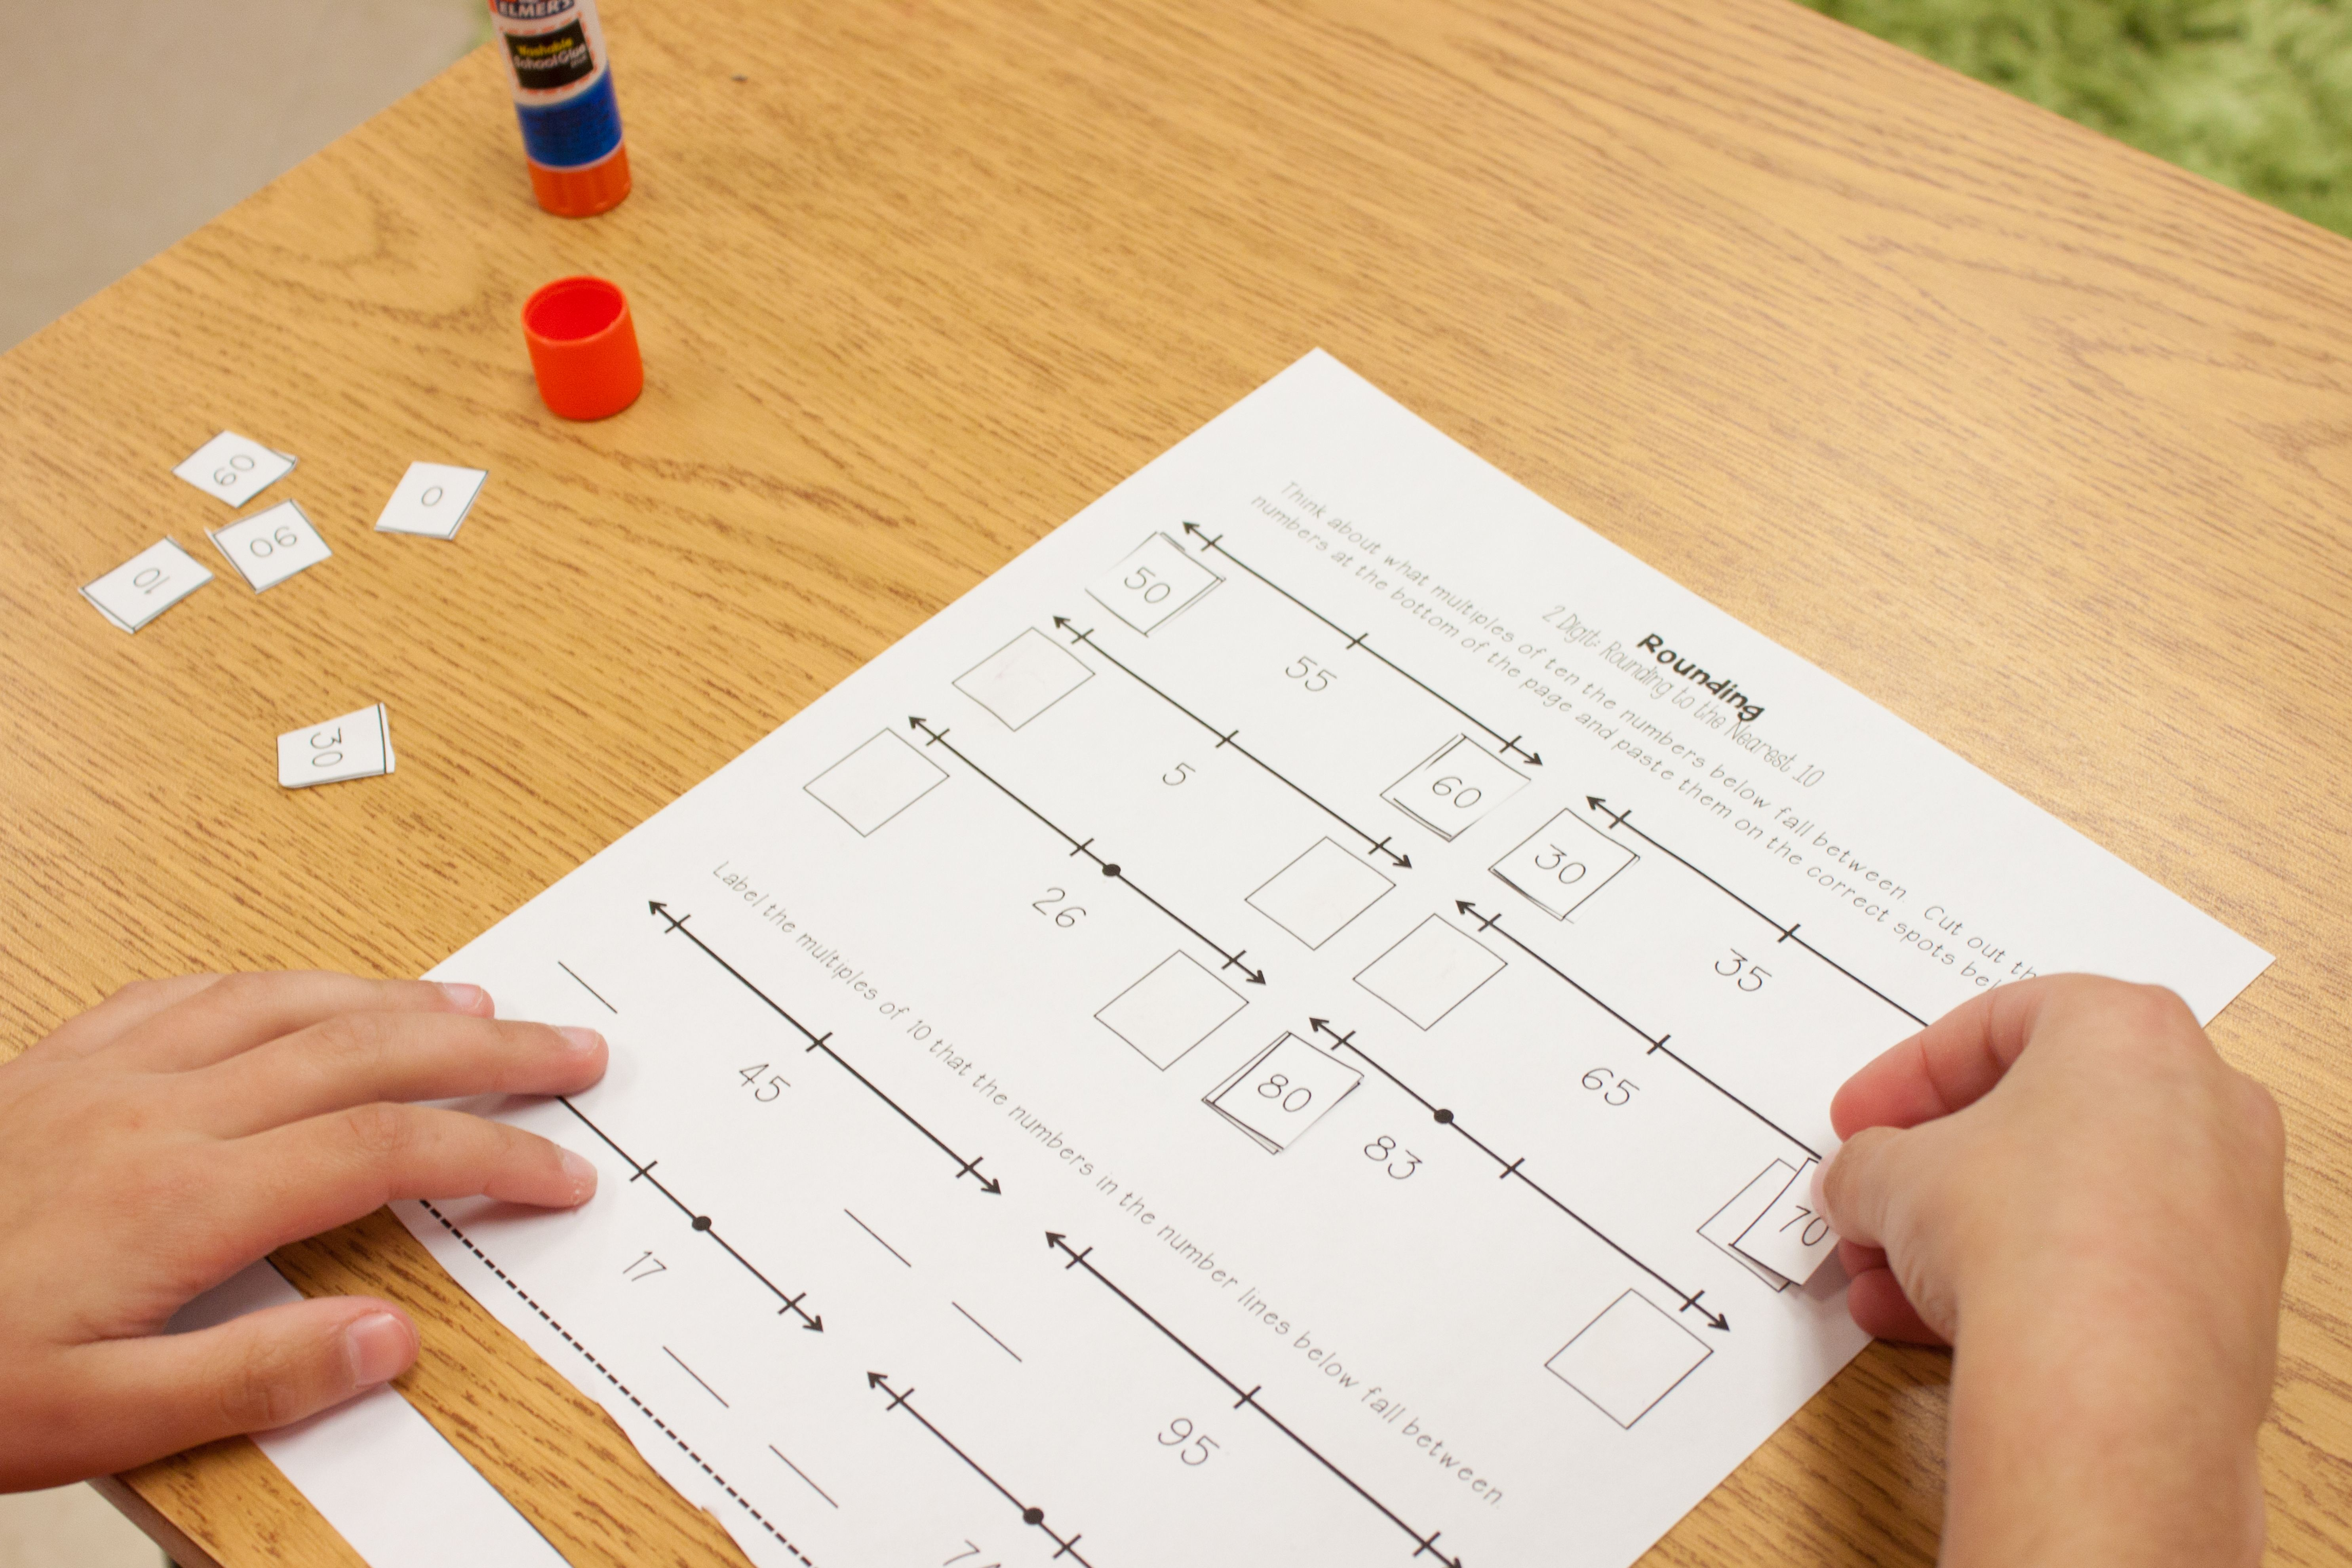 Teaching Rounding Activities